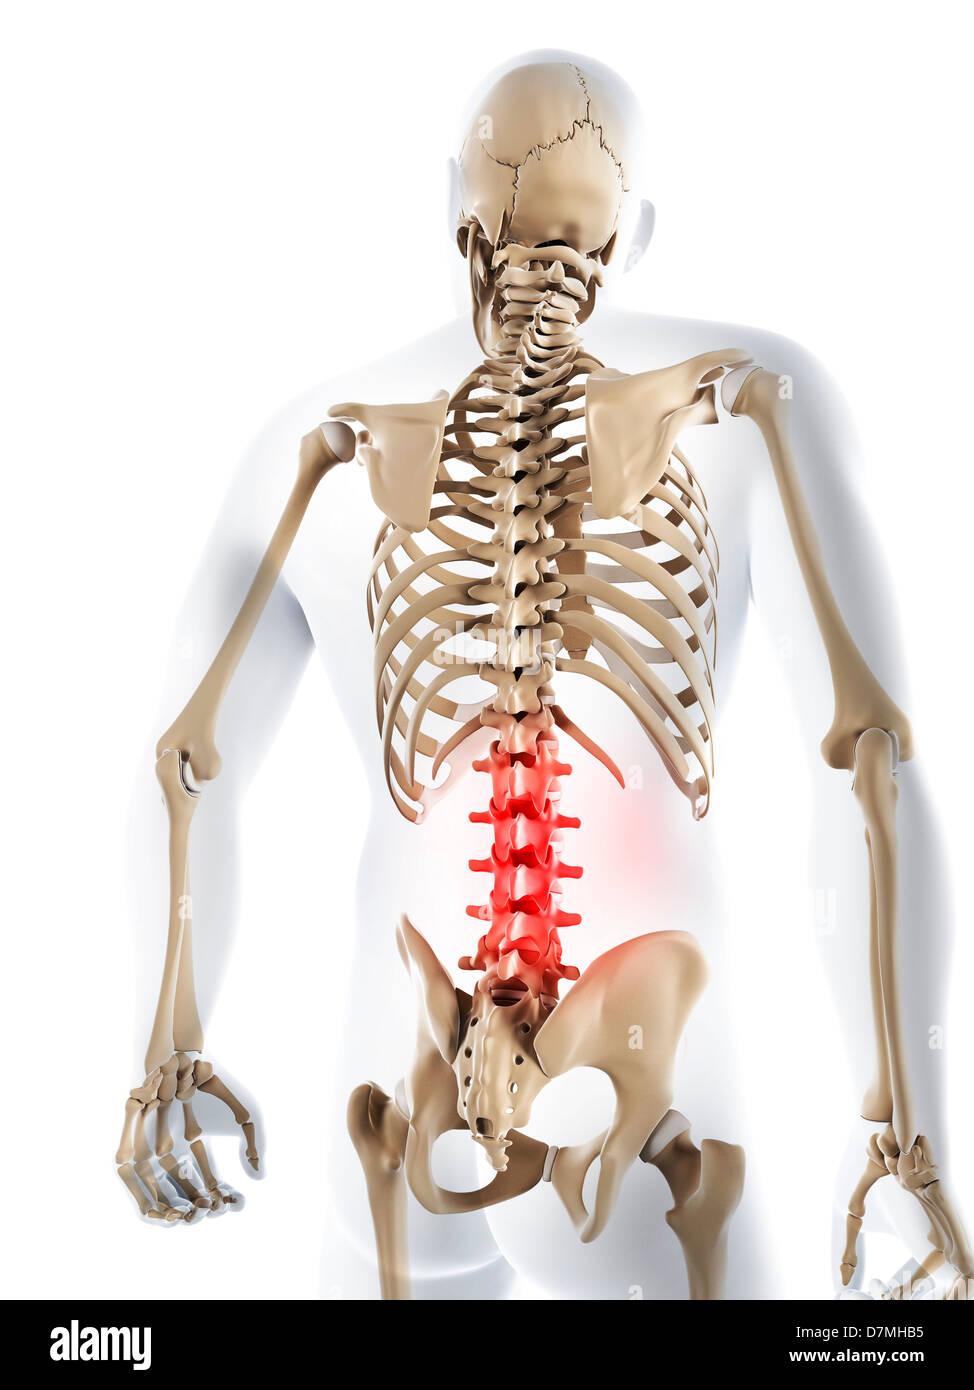 Schmerzen im unteren Rücken, konzeptuellen Kunstwerk Stockfoto